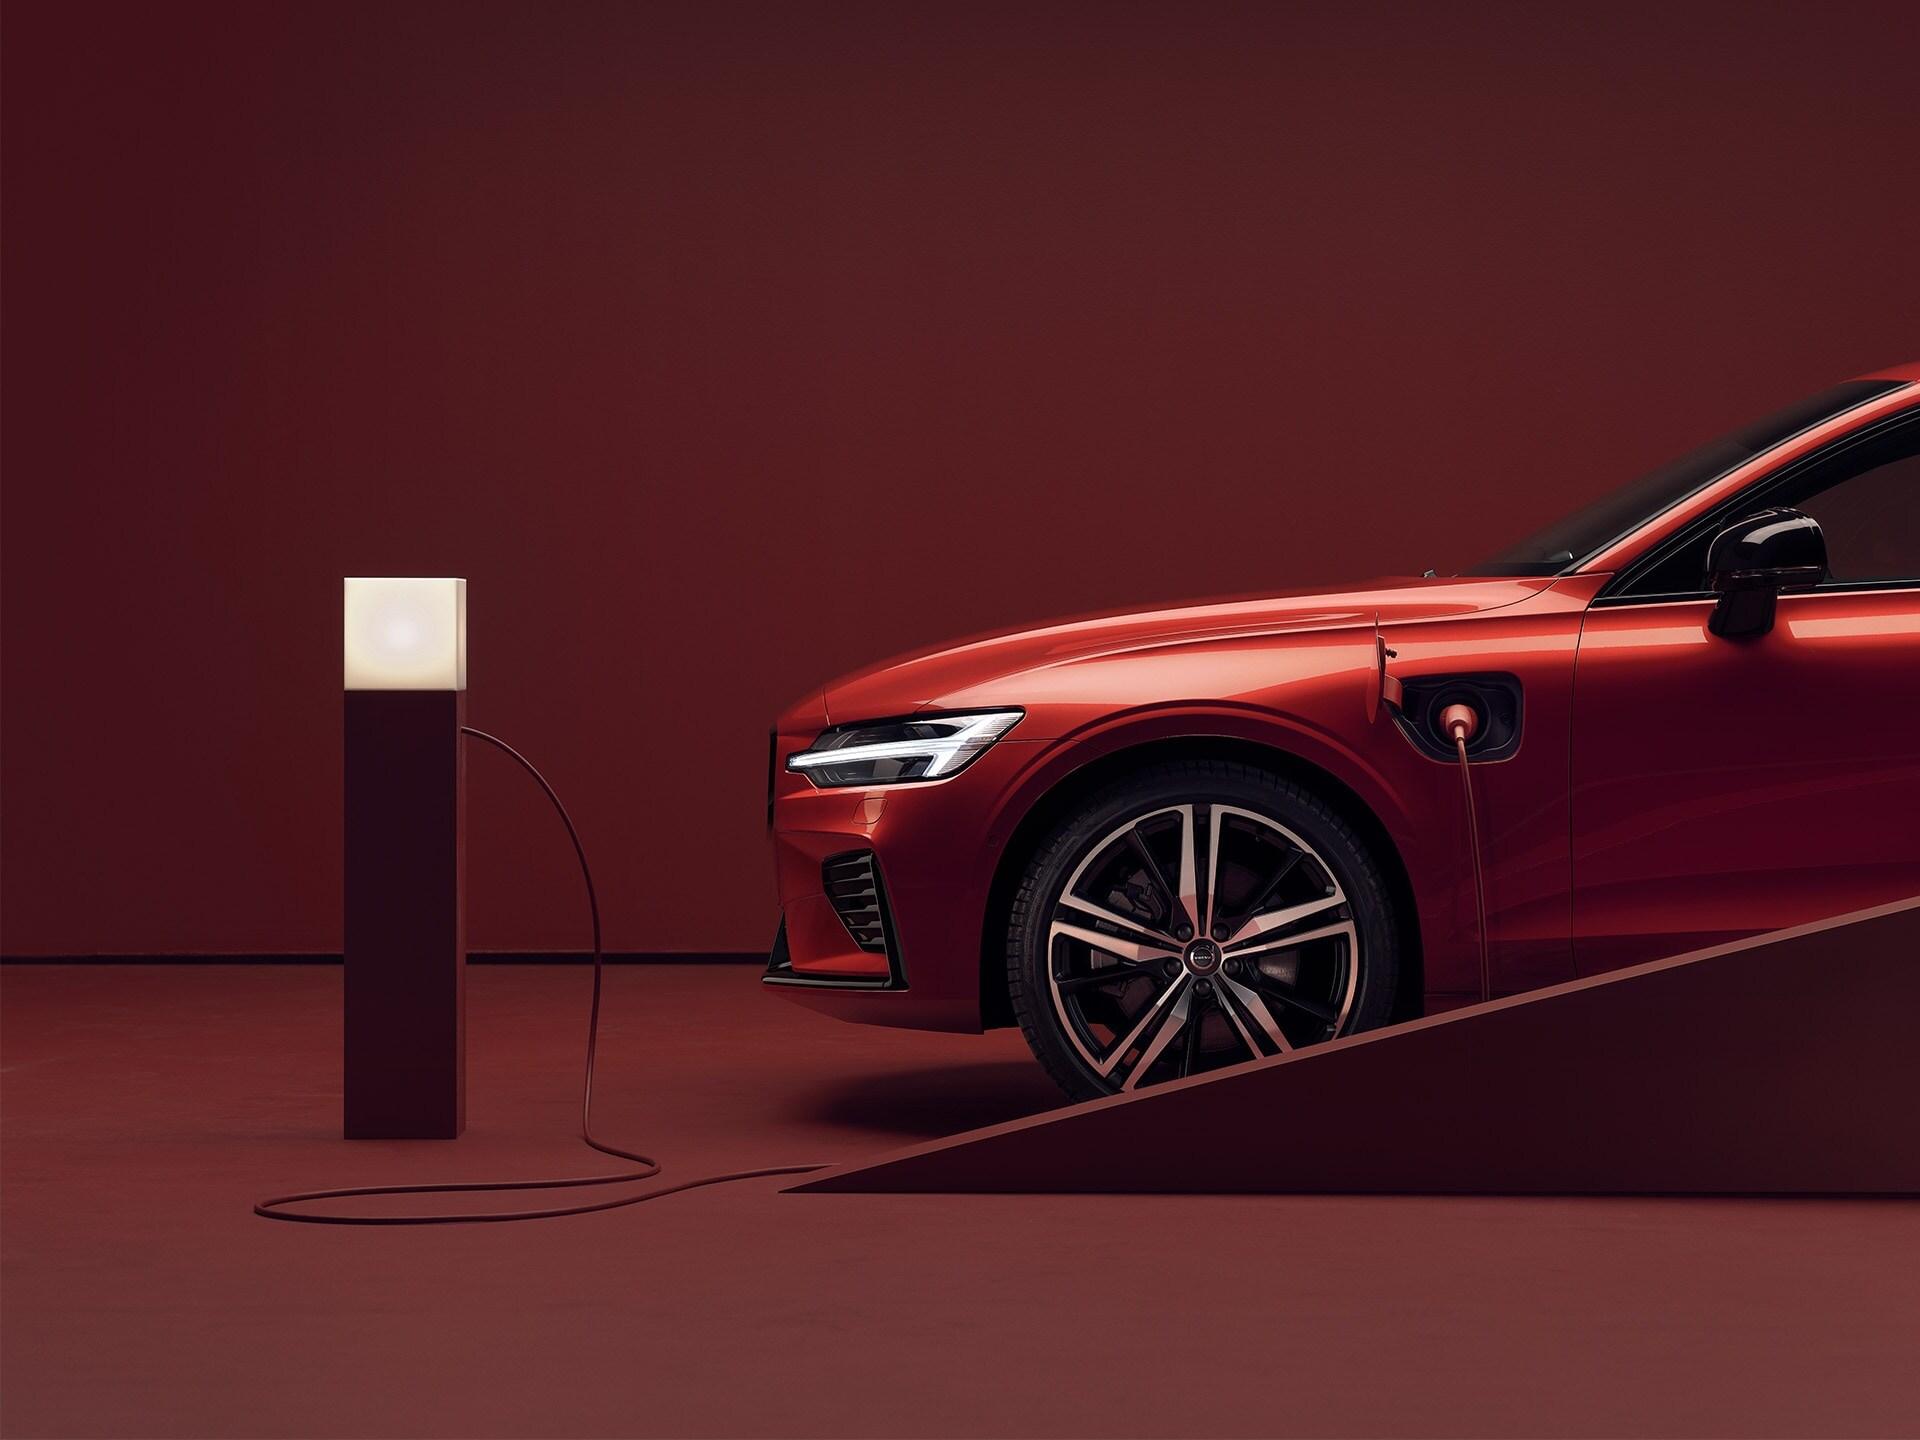 Eine geparkte rote Volvo Limousine ist an eine Ladestation angeschlossen